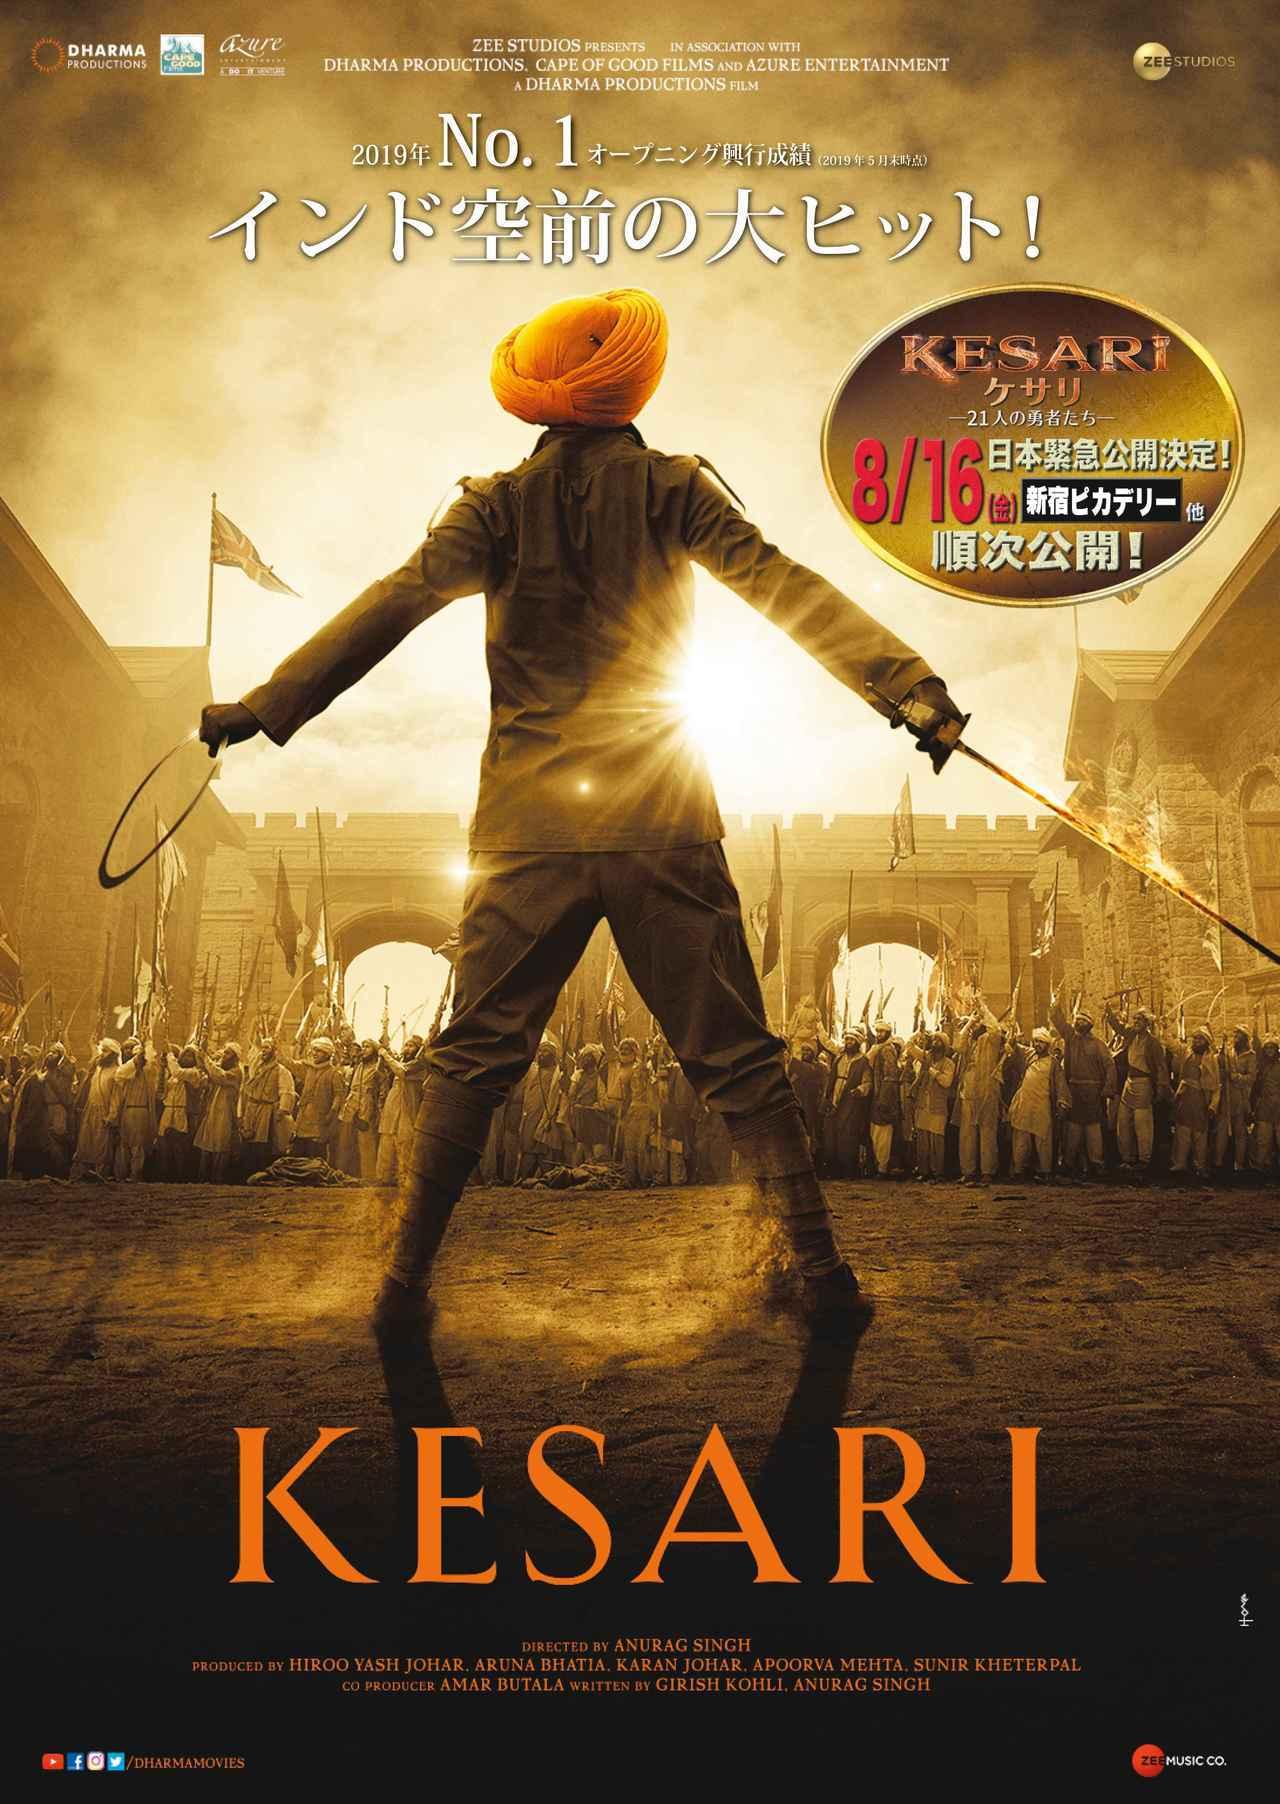 画像: 緊急公開決定!21人 VS 10,000人-映画史上最も過酷な死闘が始まる―!全印(インド)熱狂&感動のスペクタクル超大作『KESARI/ケサリ 21人の勇者たち』